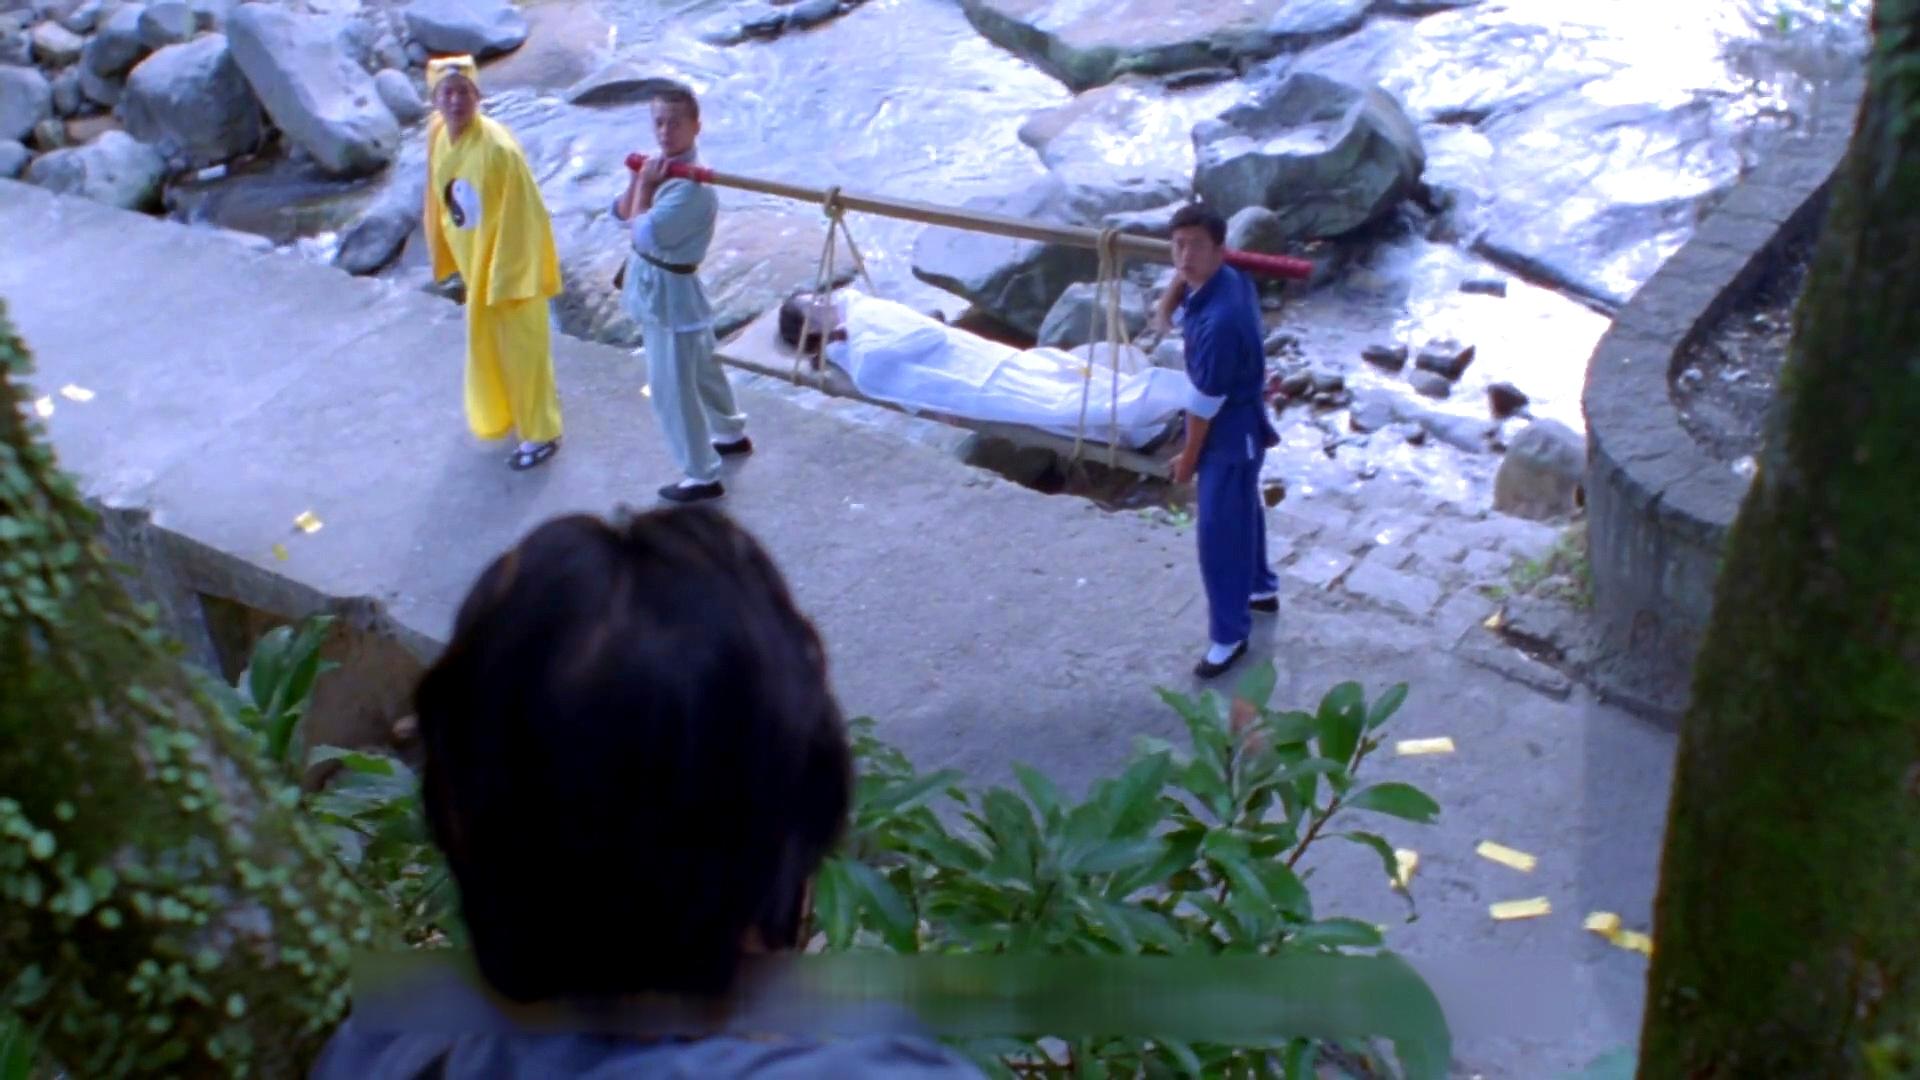 道长看到女尸要过河,警告众人别让她下水,结果没人听惹出大祸